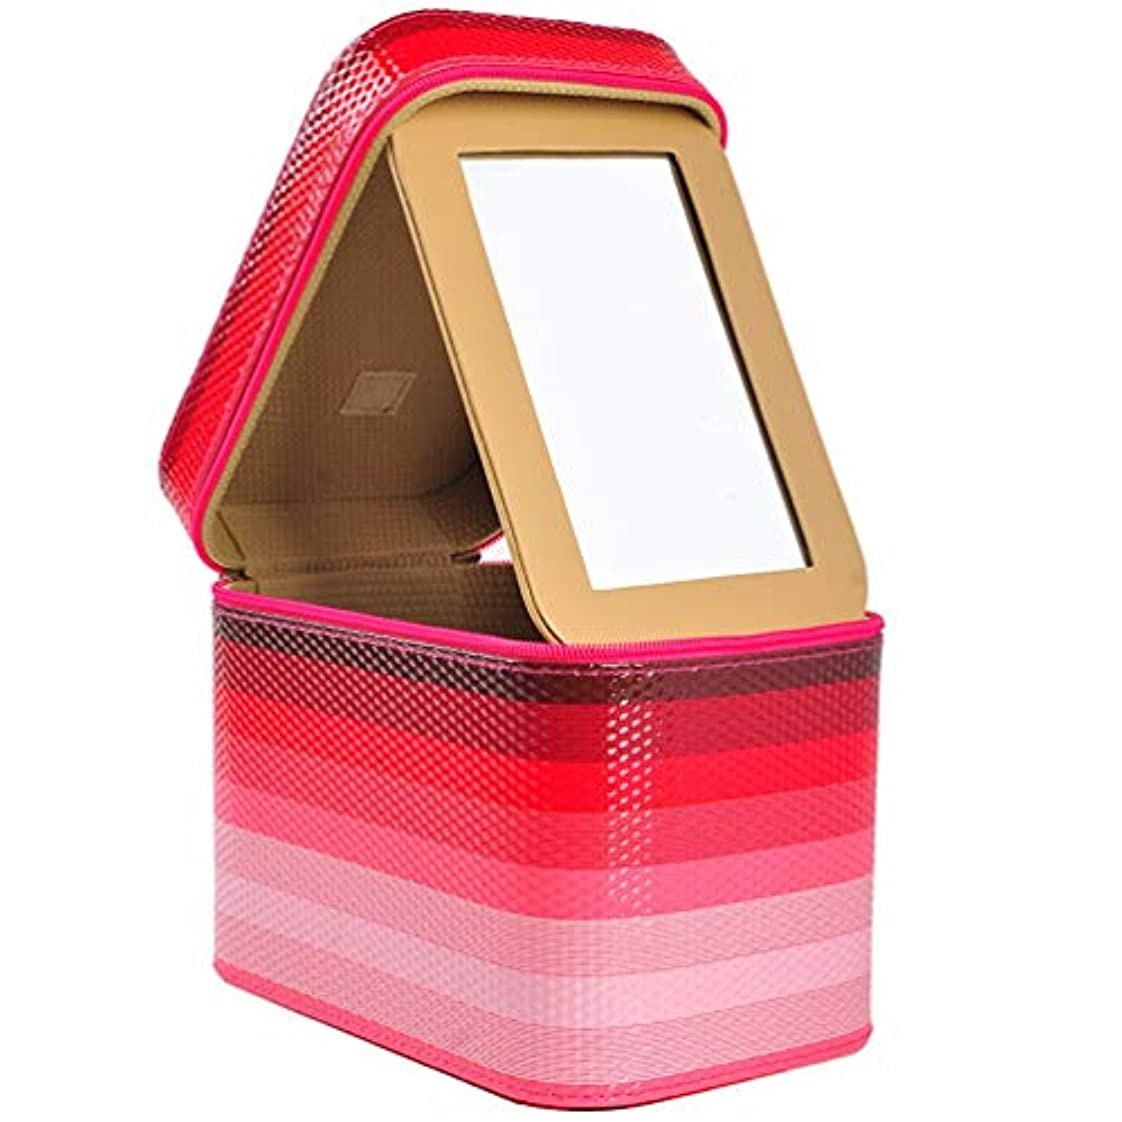 聞きます踏み台侮辱[カタク]メイクボックス コスメボックス 大容量 鏡付き 化粧ボックス おしゃれ 取っ手付 携帯便利 化粧道具 メイクブラシ 小物 出張 旅行 機能的 PUレザー プロ仕様 きらきら 化粧ポーチ コスメBOX